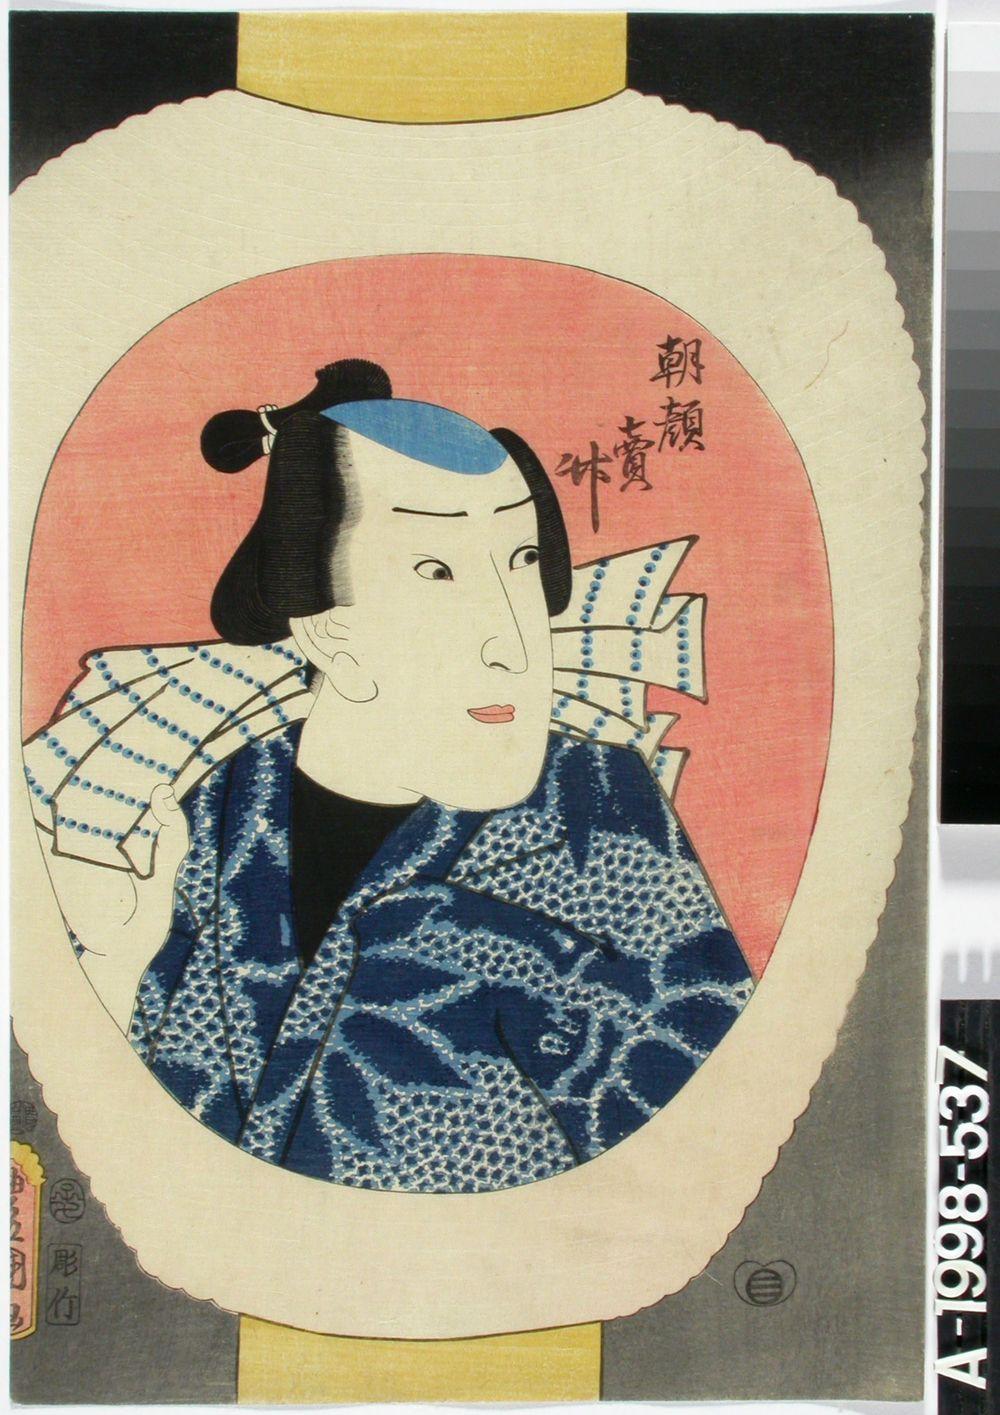 Näyttelijämuotokuva paperilyhdyssä. Chochin-e